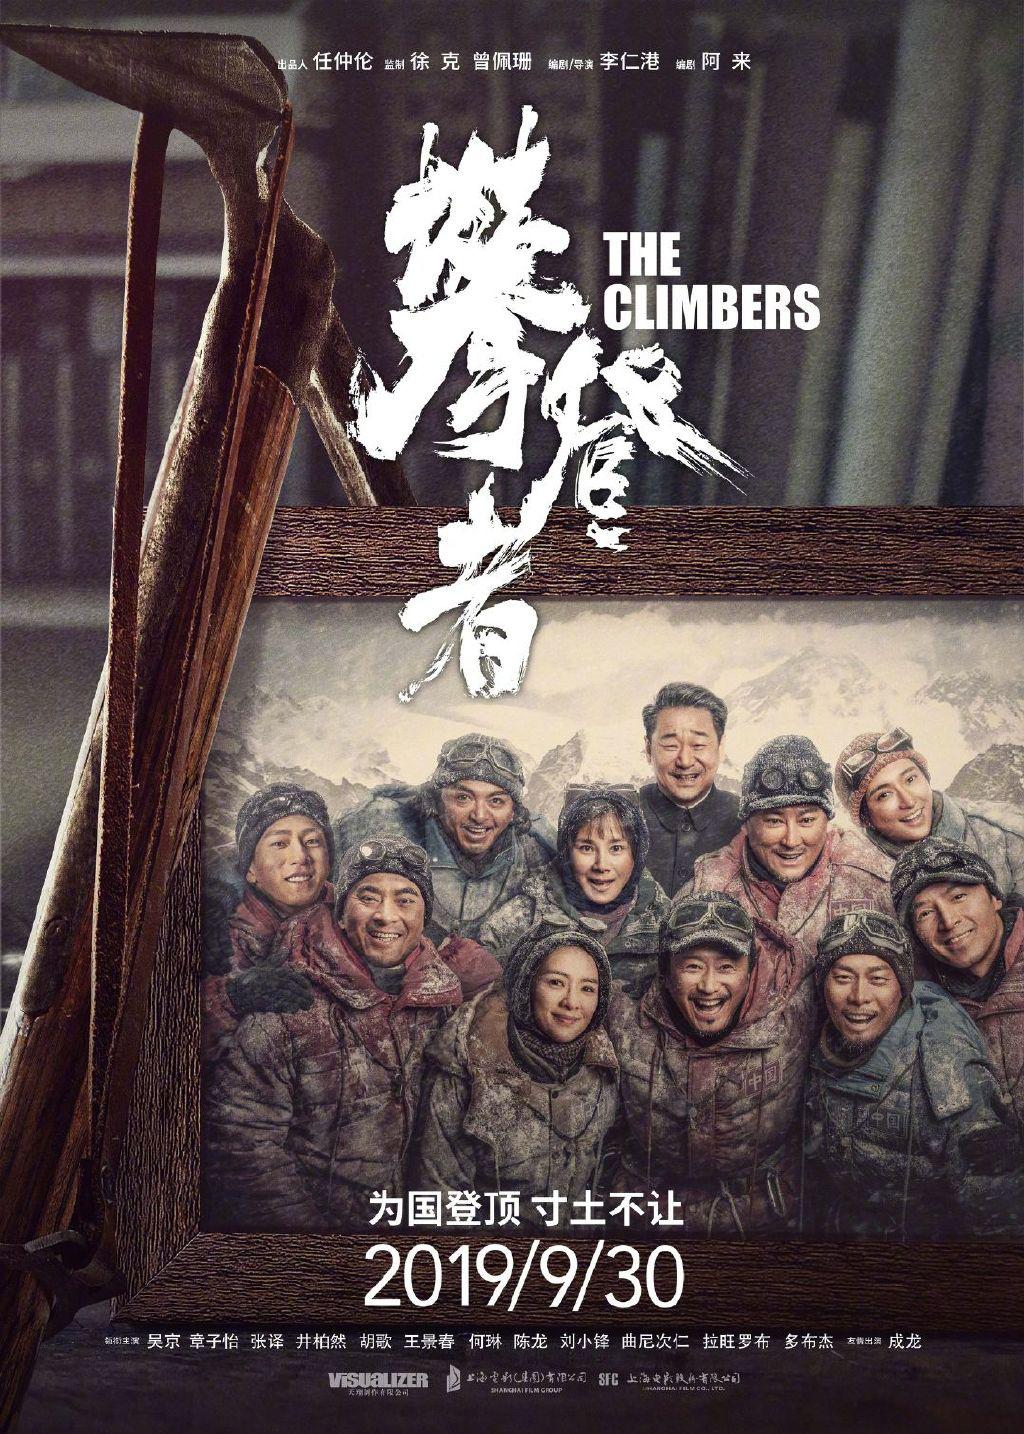 《攀登者》延长上映一个月 累计票房已破十亿大关